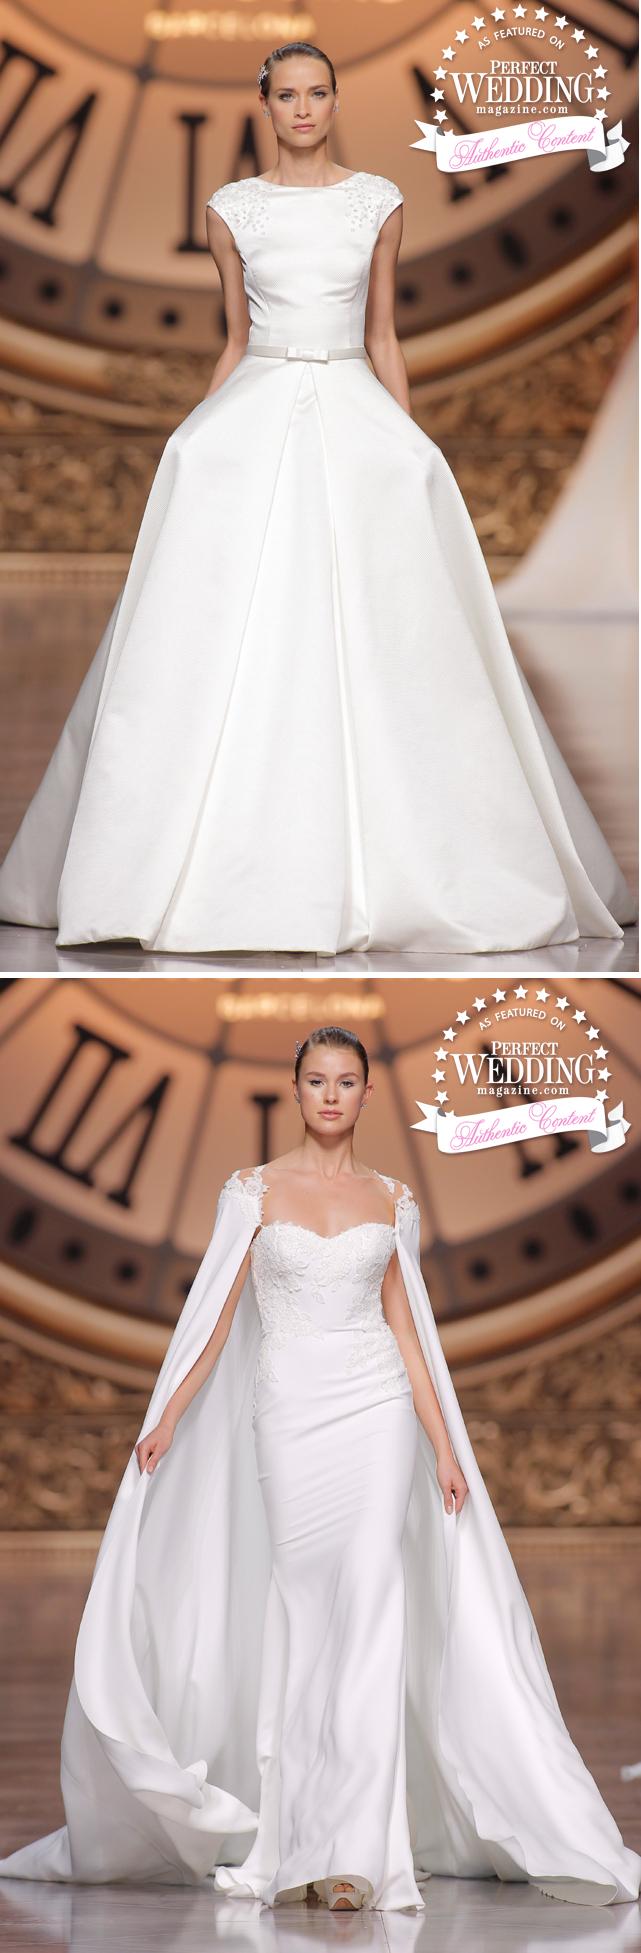 Pronovias, PRONOVIAS FASHION SHOW 2016,Pronovias Atelier 2016 Collection, Fashion, Bridal Trends, Perfect wedding Magazine